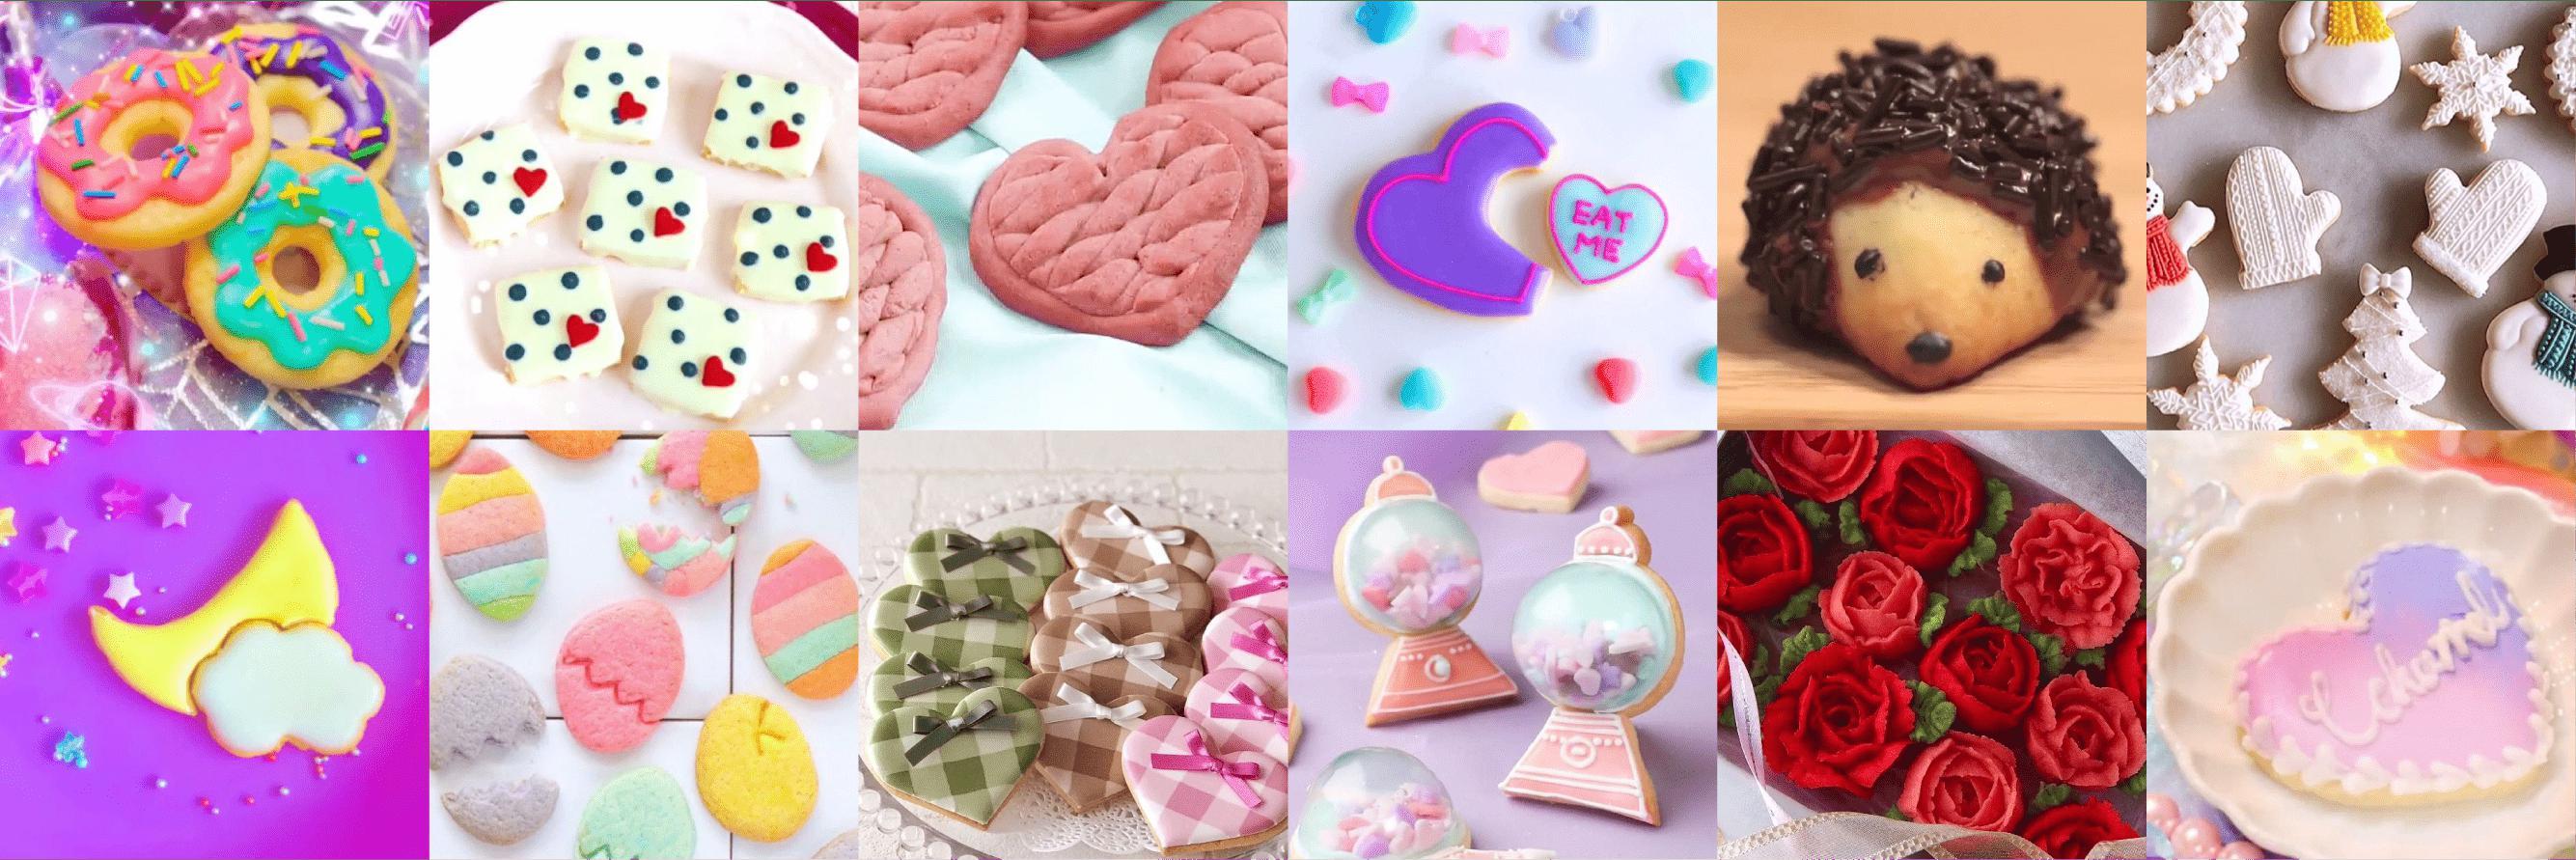 【特集】 バレンタインの大量生産クッキー!簡単手作りレシピ20選 | C CHANNEL - 女子向け動画マガジン